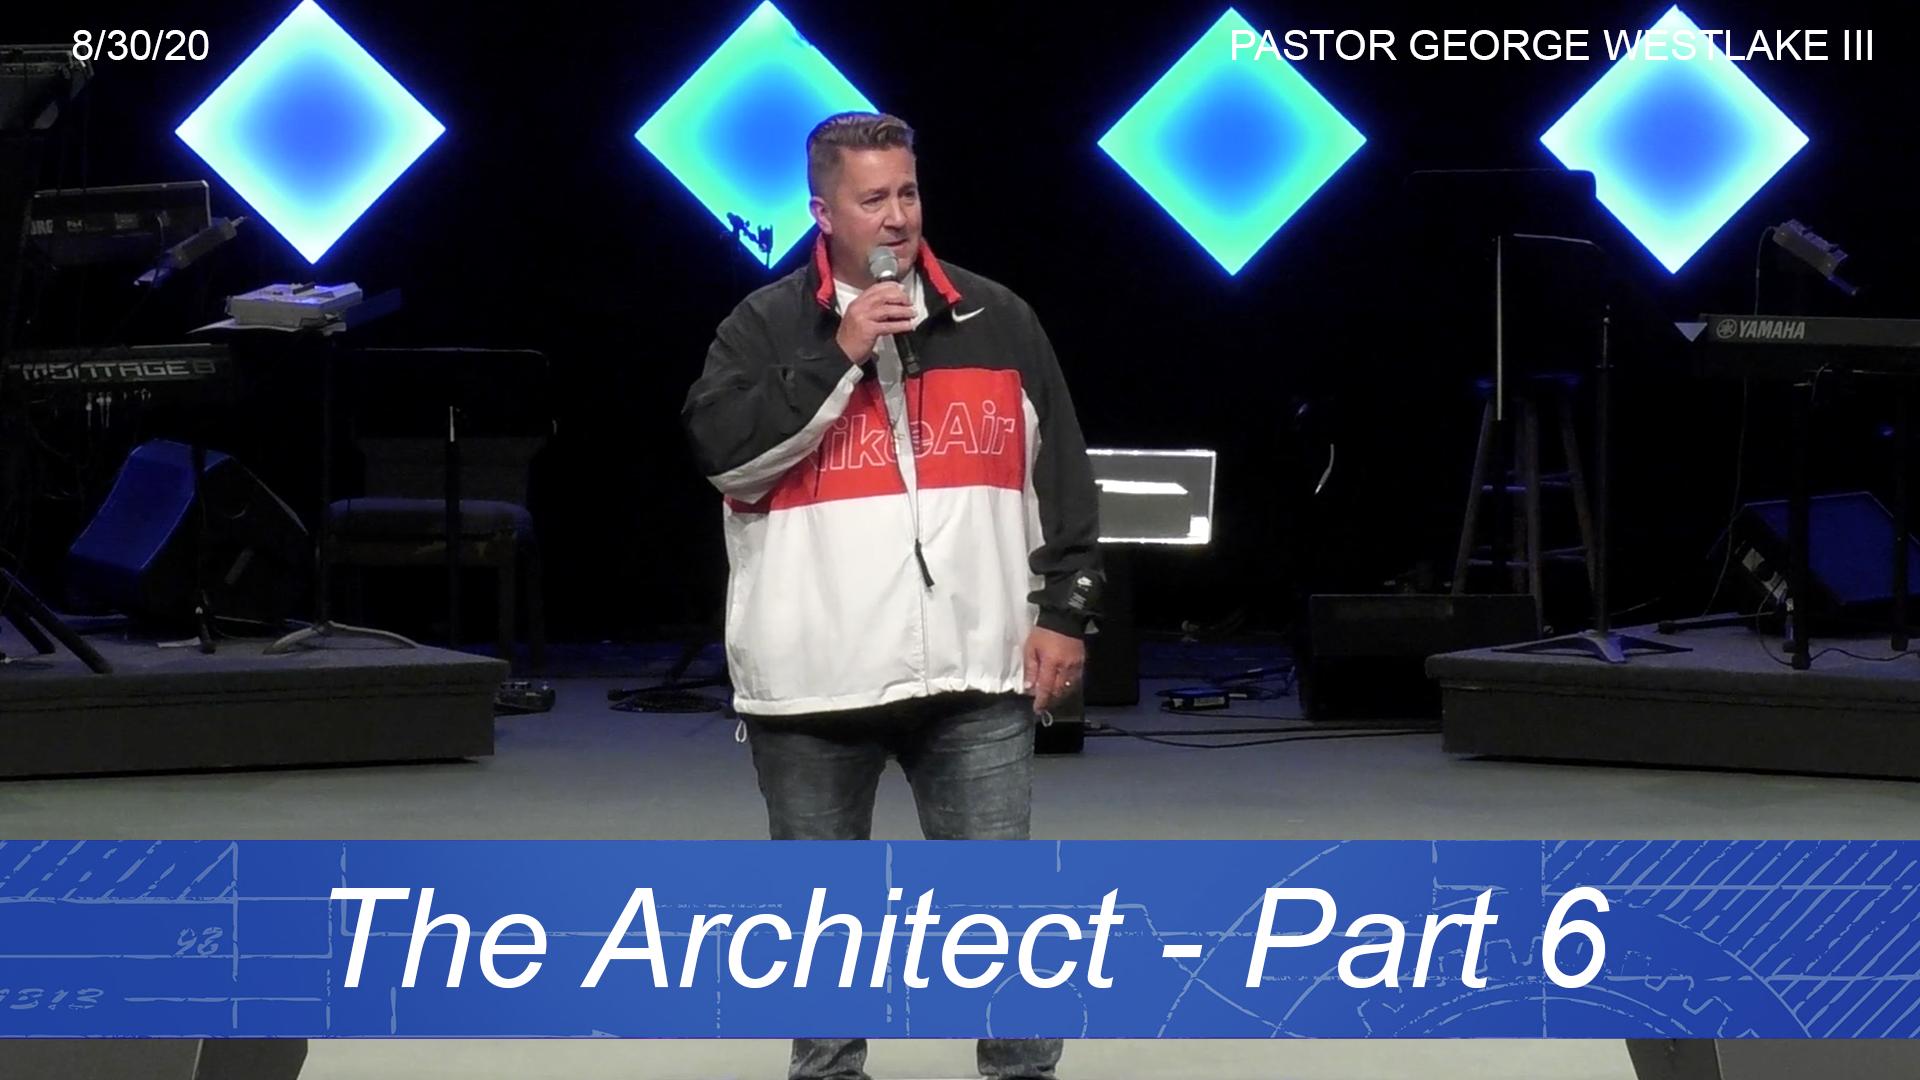 Sunday 8/30/20   The Architect – Part 6